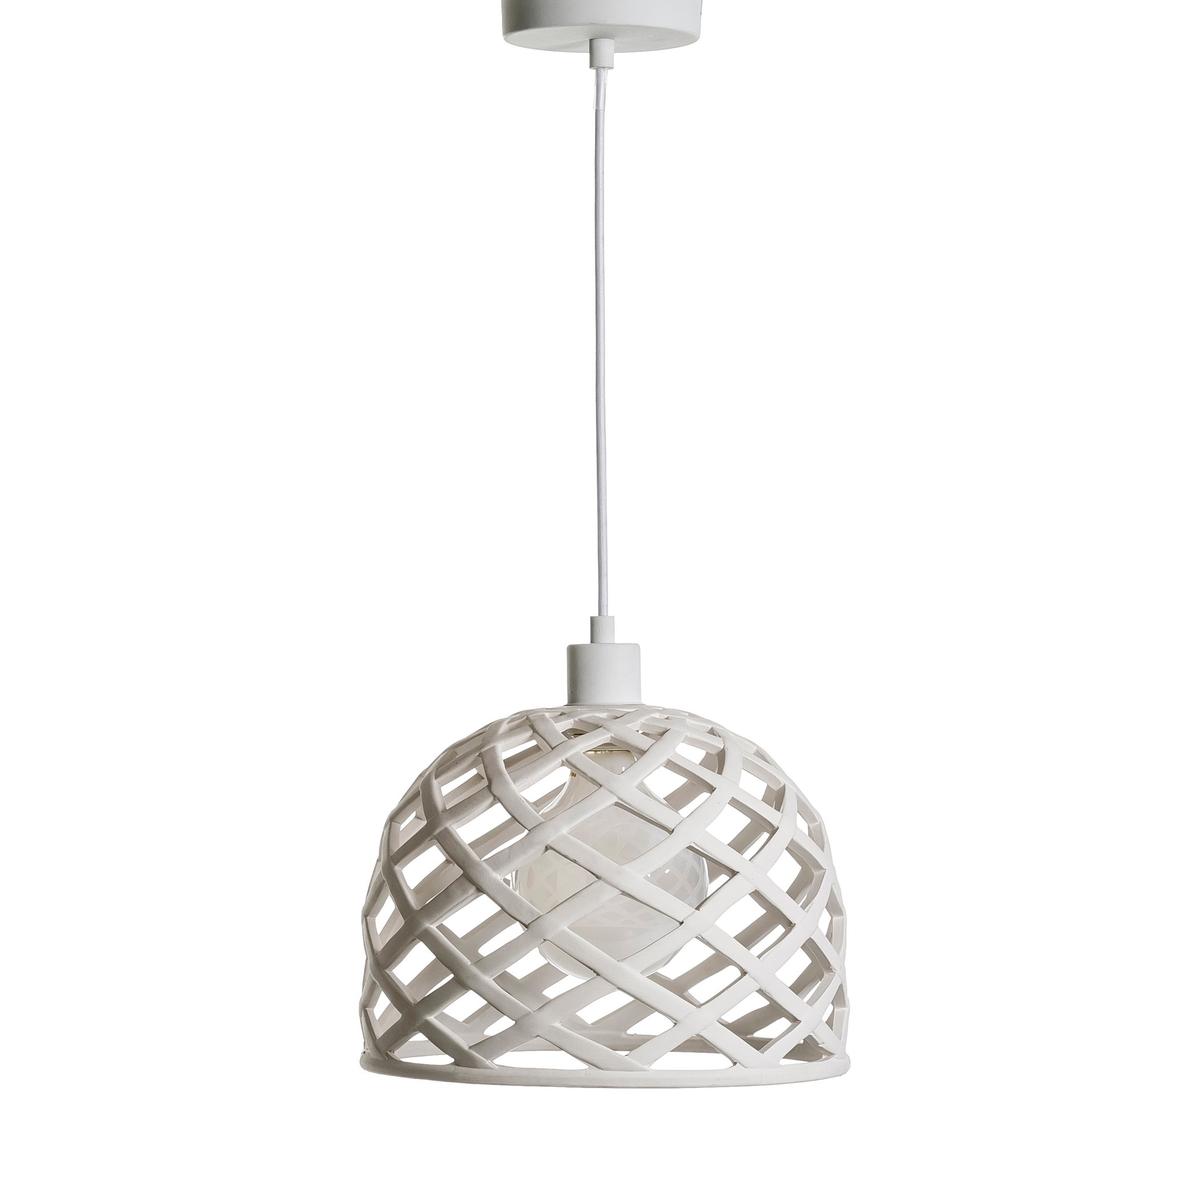 Светильник  TidcanСветильник из матовой керамики с очень красивым эффектом переплетения  Характеристики :- Белый матовый керамический каркас .- Кабель из ткани - Патрон E27. Лампочка макс 60 Вт, не входит в комплект .Размеры :- Абажур диаметр 30 см, высота 30см - Кабель: длина  125,5 см .<br><br>Цвет: белый